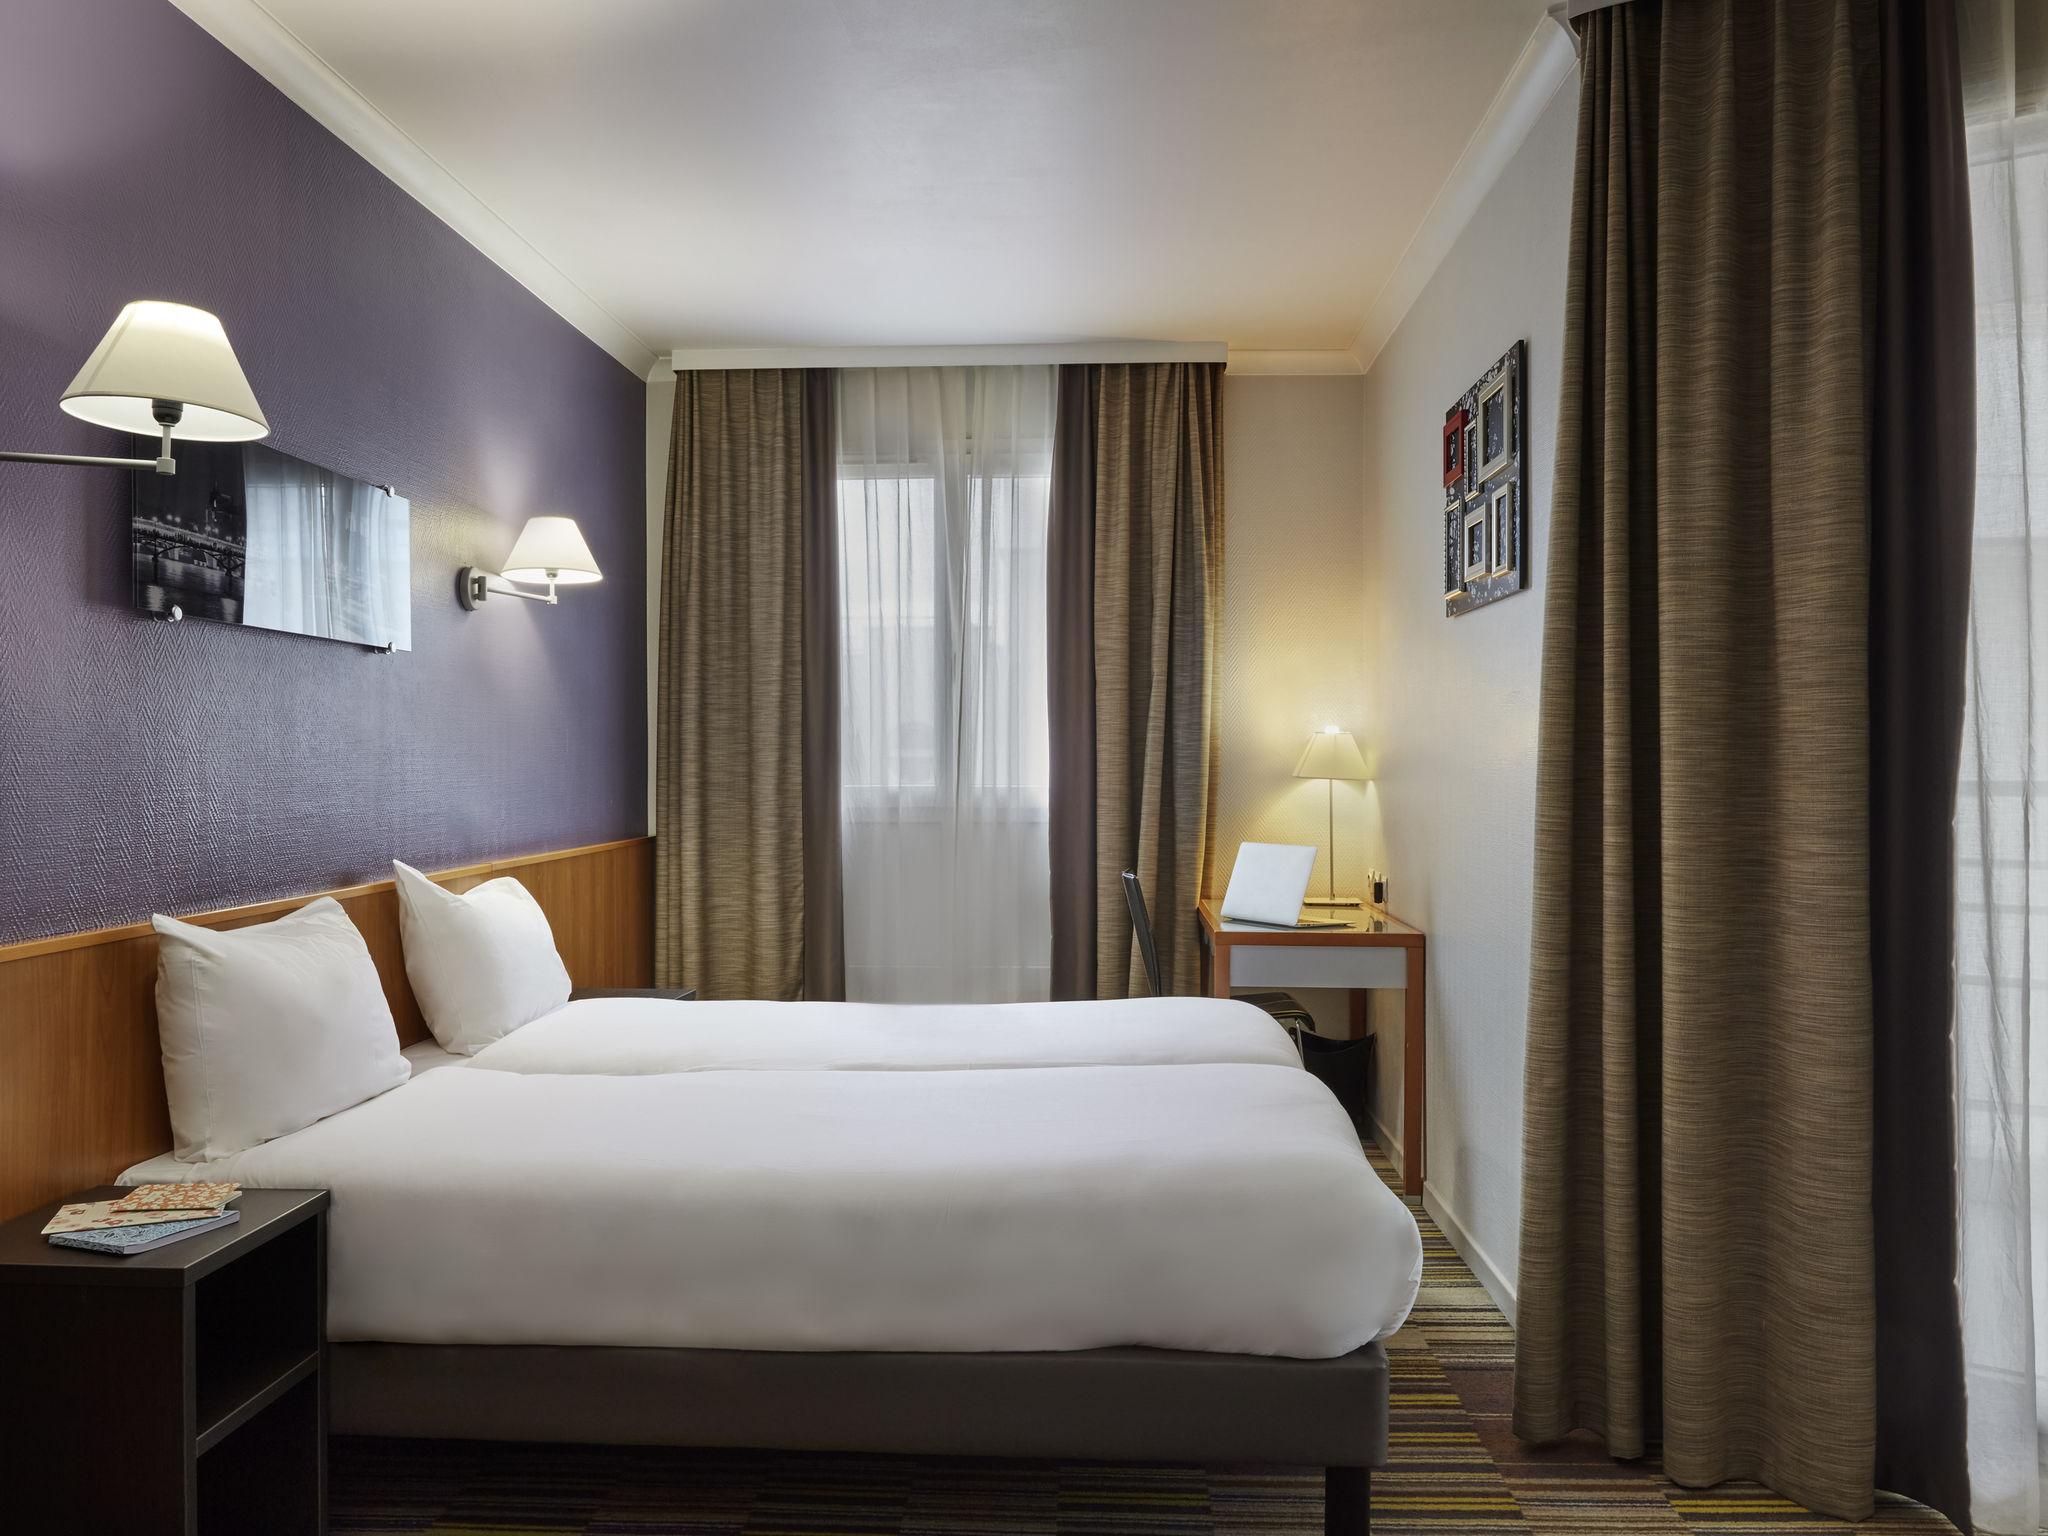 Hotel – Aparthotel Adagio la Defensa el Parque